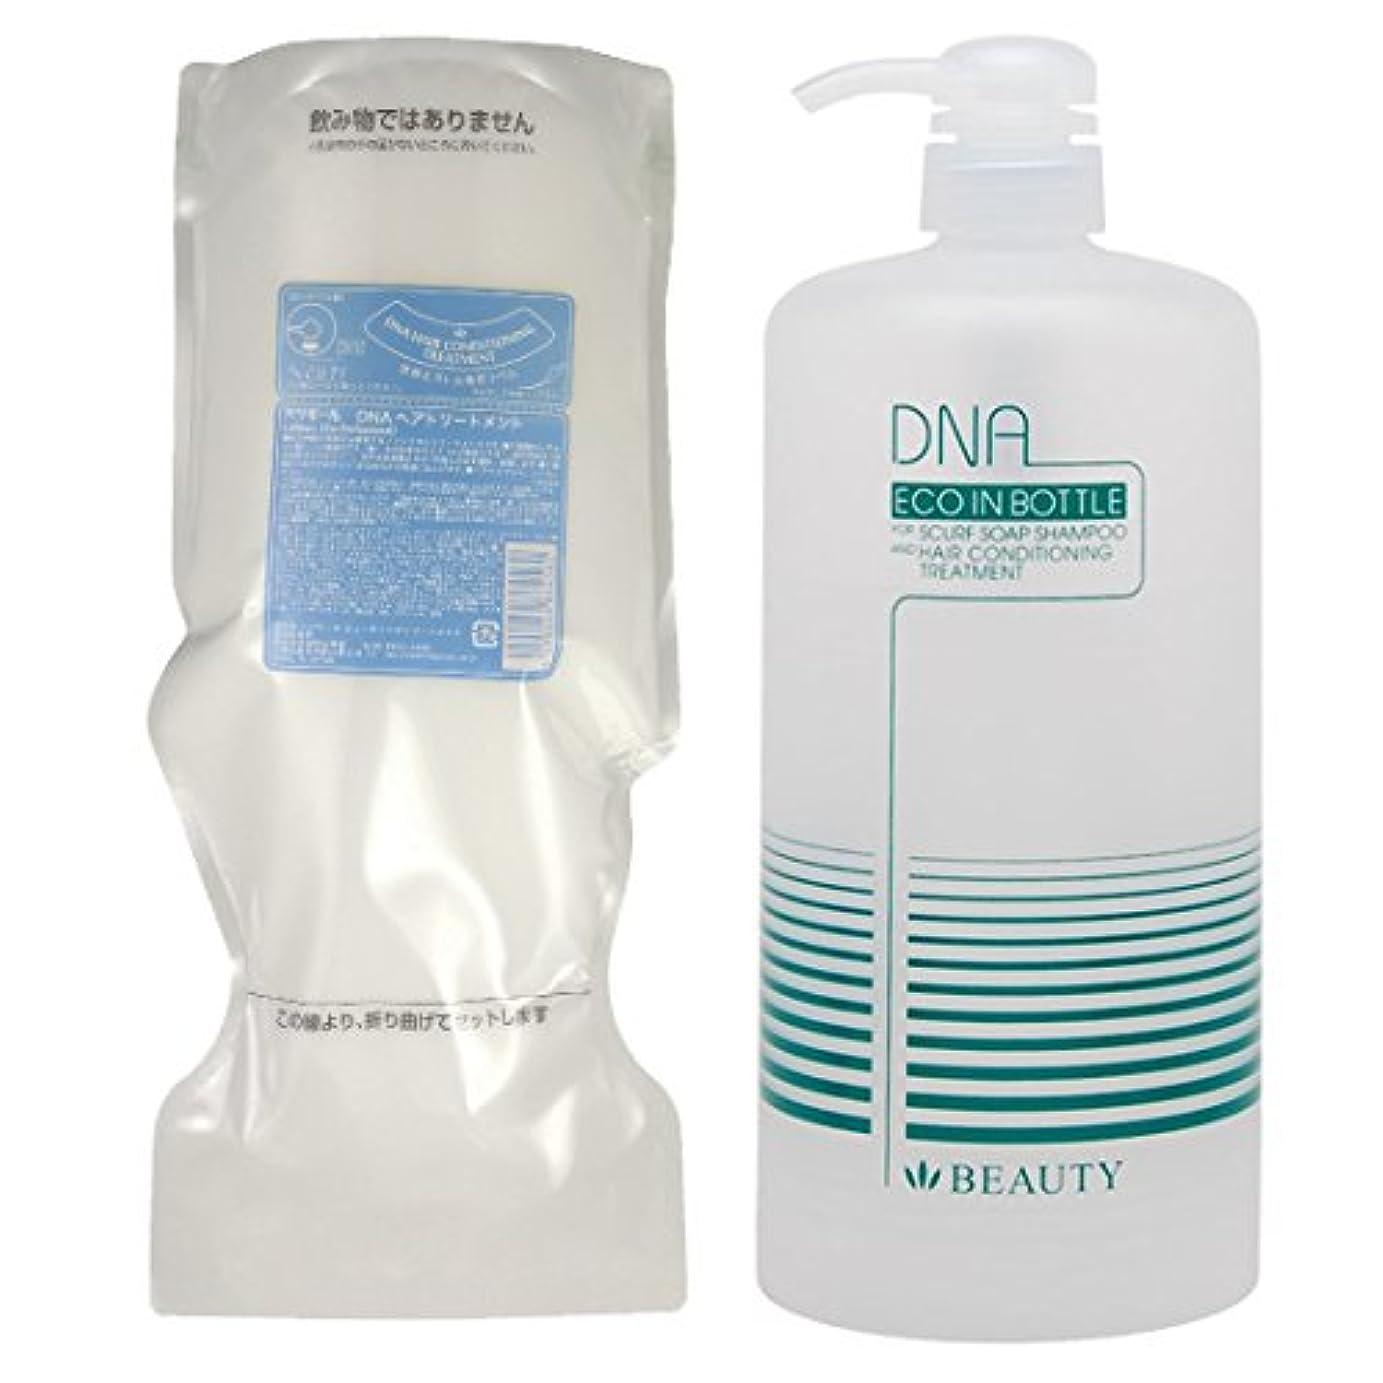 反応するドループ空ハツモール DNA ビューティ ヘアトリートメント 1000g 詰め替え + 専用空容器 セット